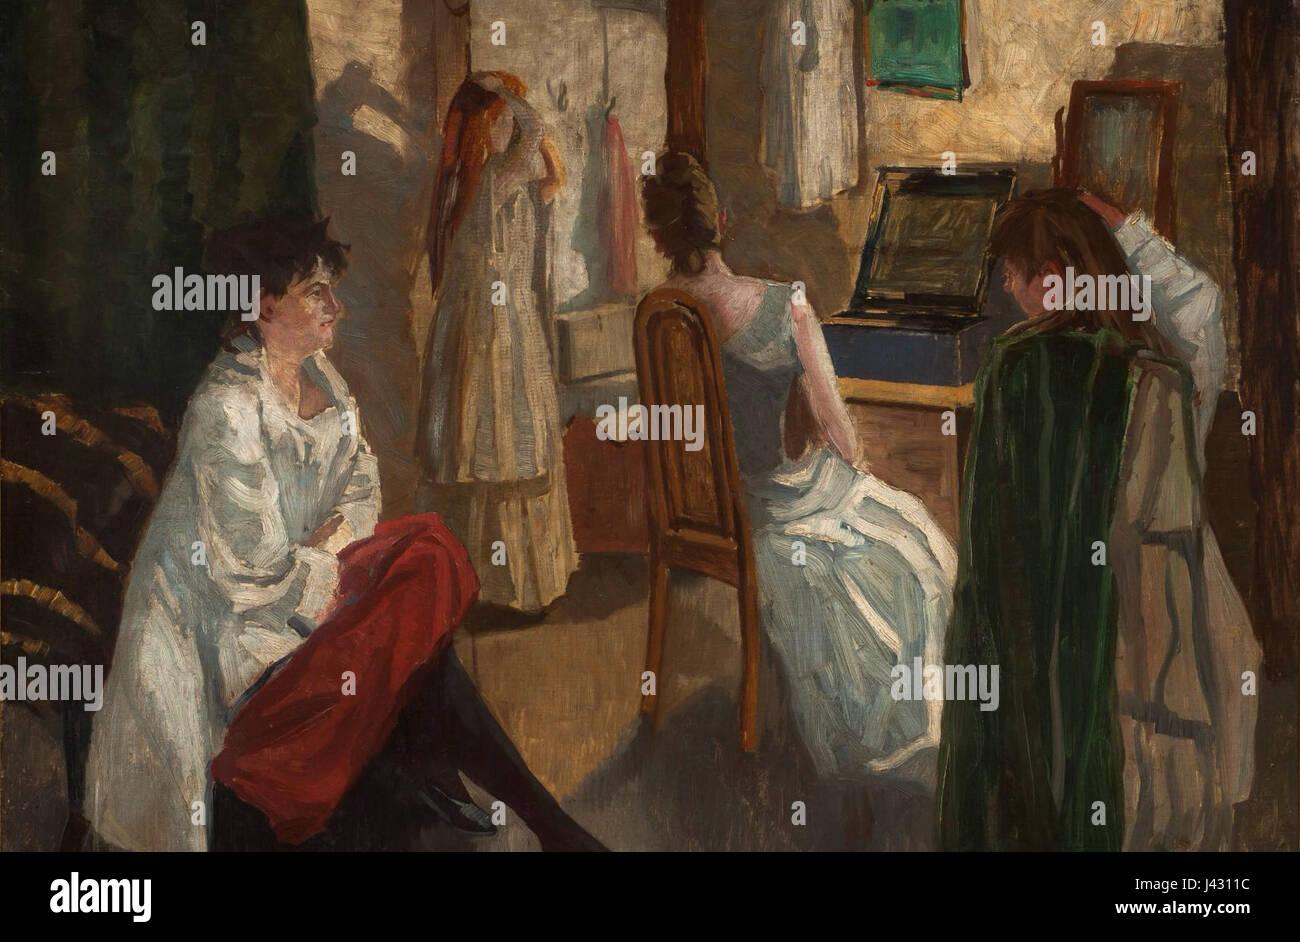 Lochen, Shauspielerinnen - Stock Image